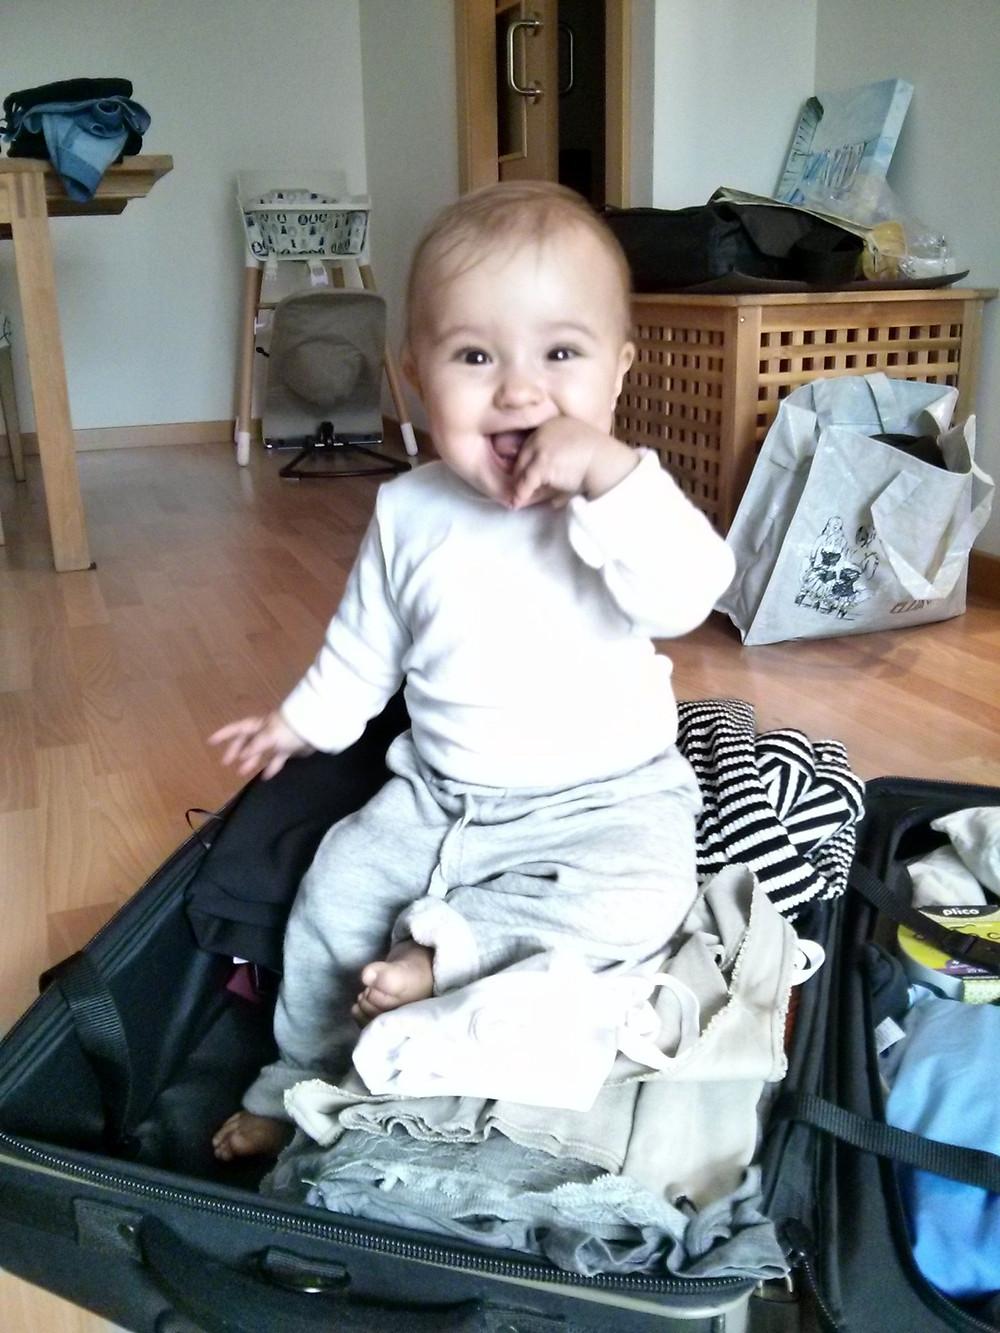 consells alimentació viatjar nadons consejos alimentacion viajar bebes 02